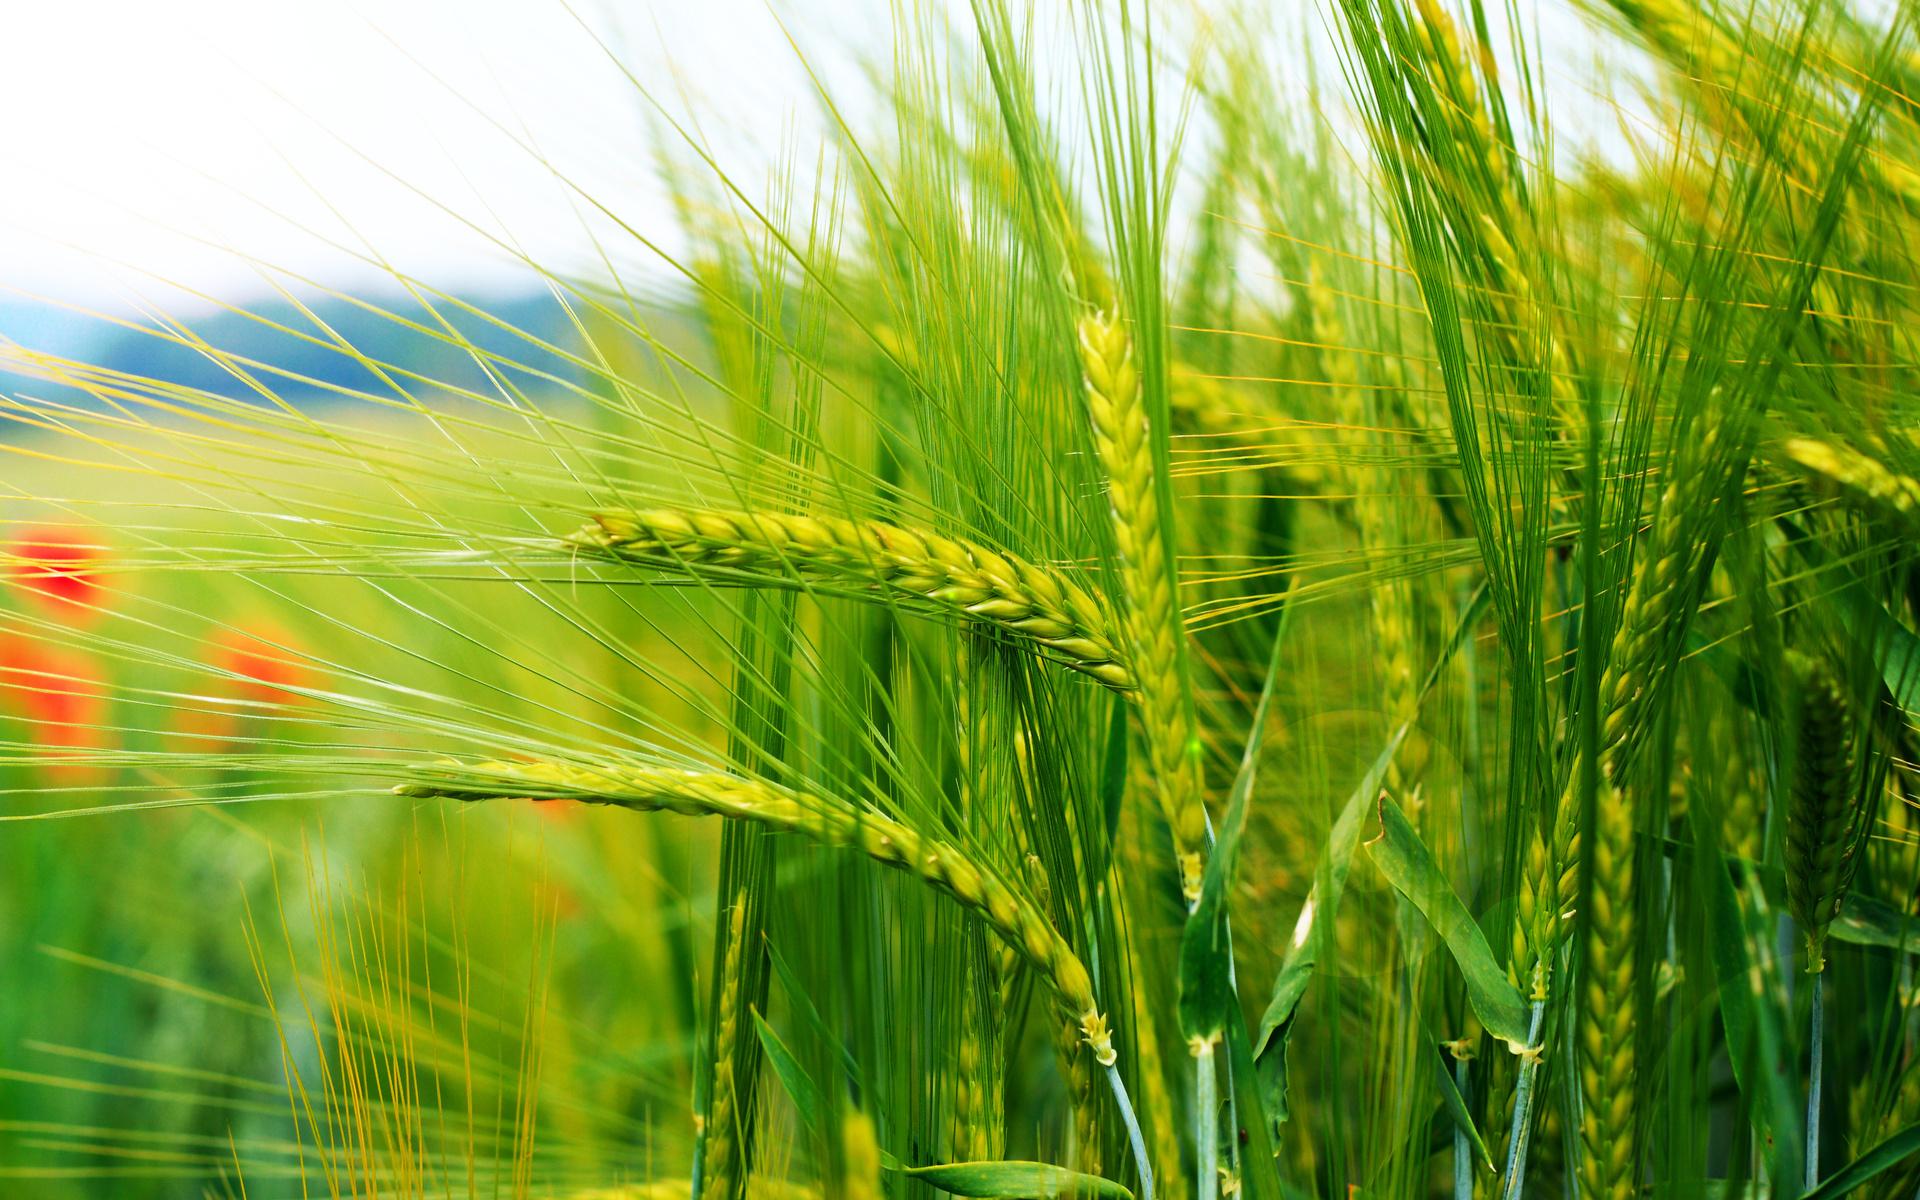 Razza nature landscape nature landscape hd image download wheat 1920x1200